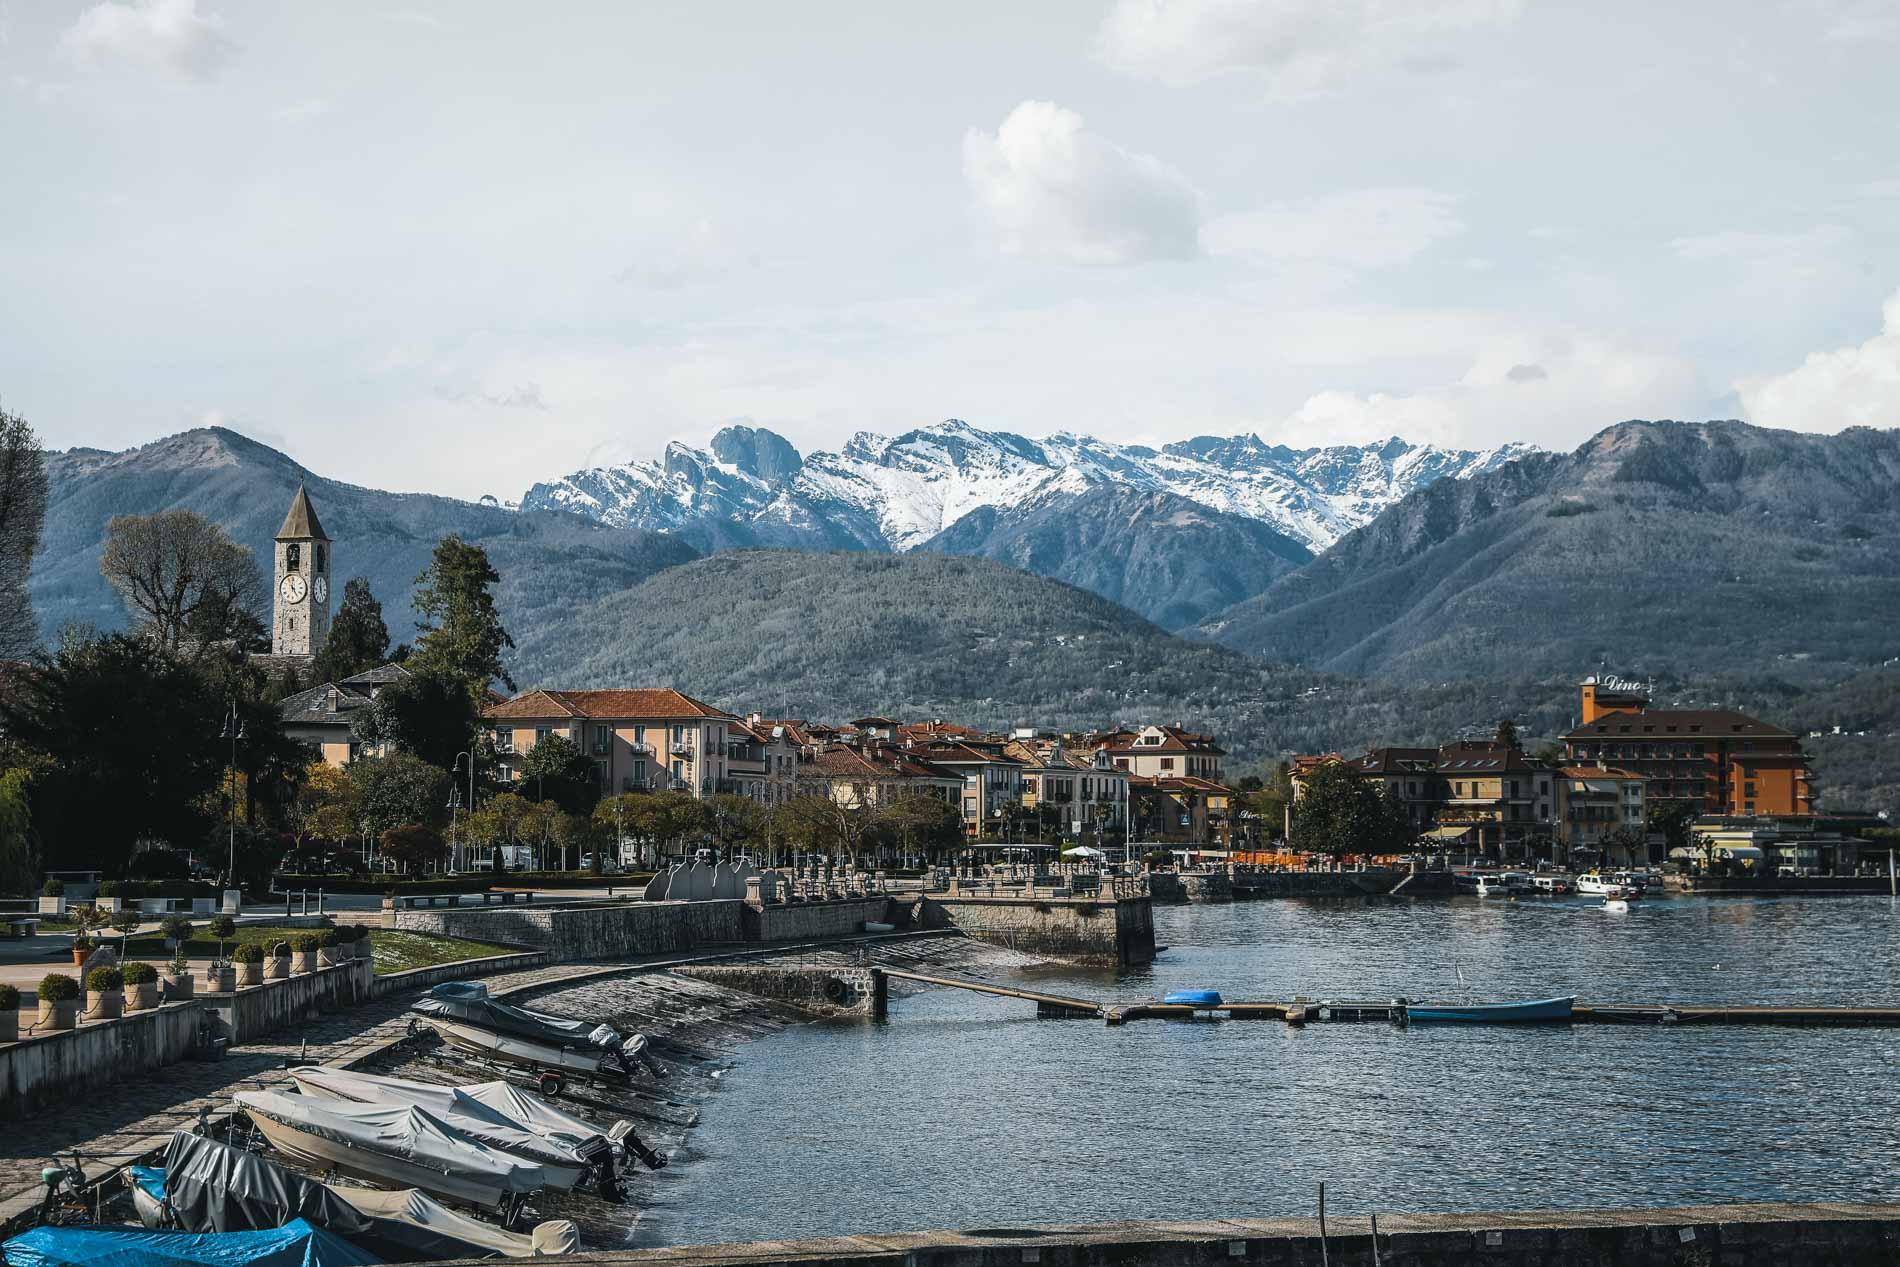 Einen süßen Campingplatz gibt es in Baverno am Lago Maggiore.